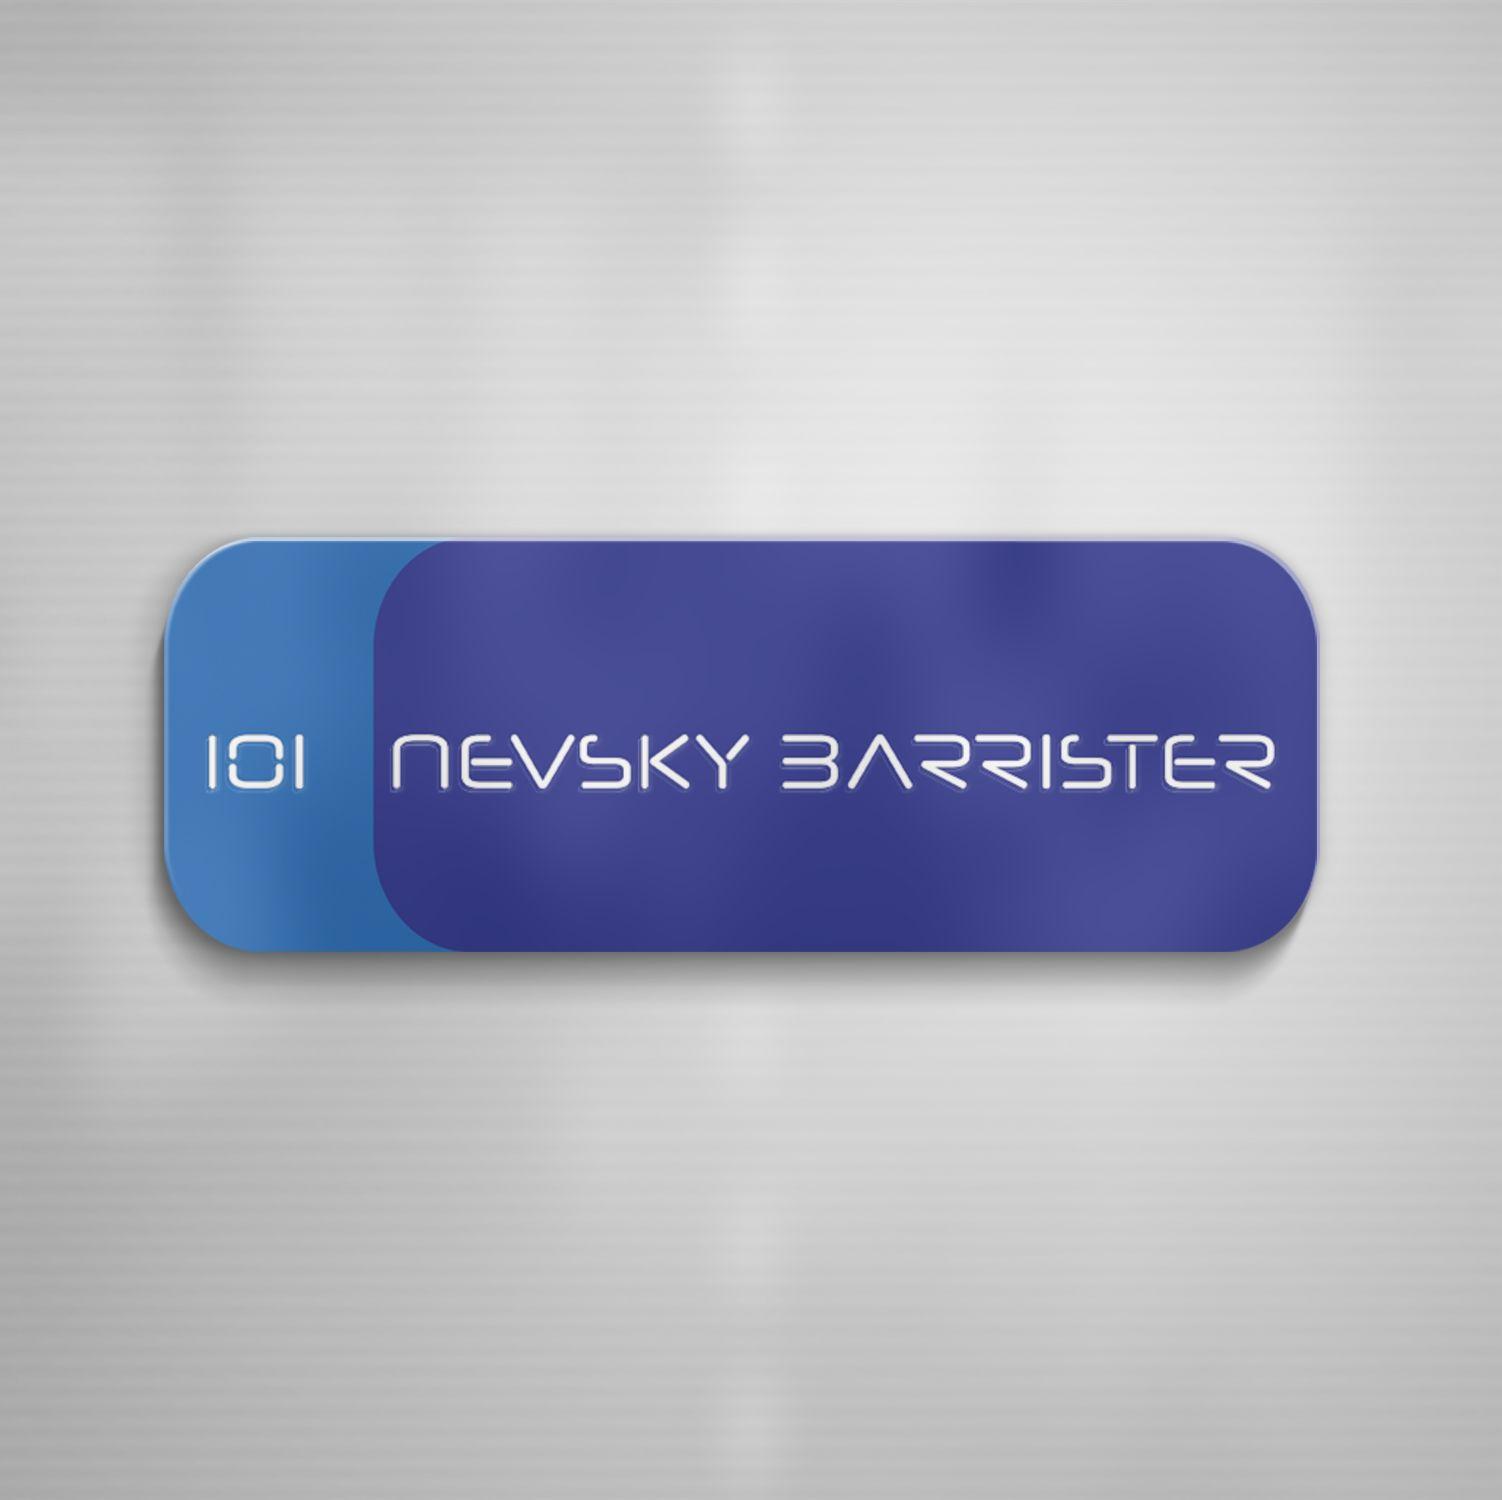 лого и фирменный стиль для адвокатского кабинета - дизайнер csfantozzi